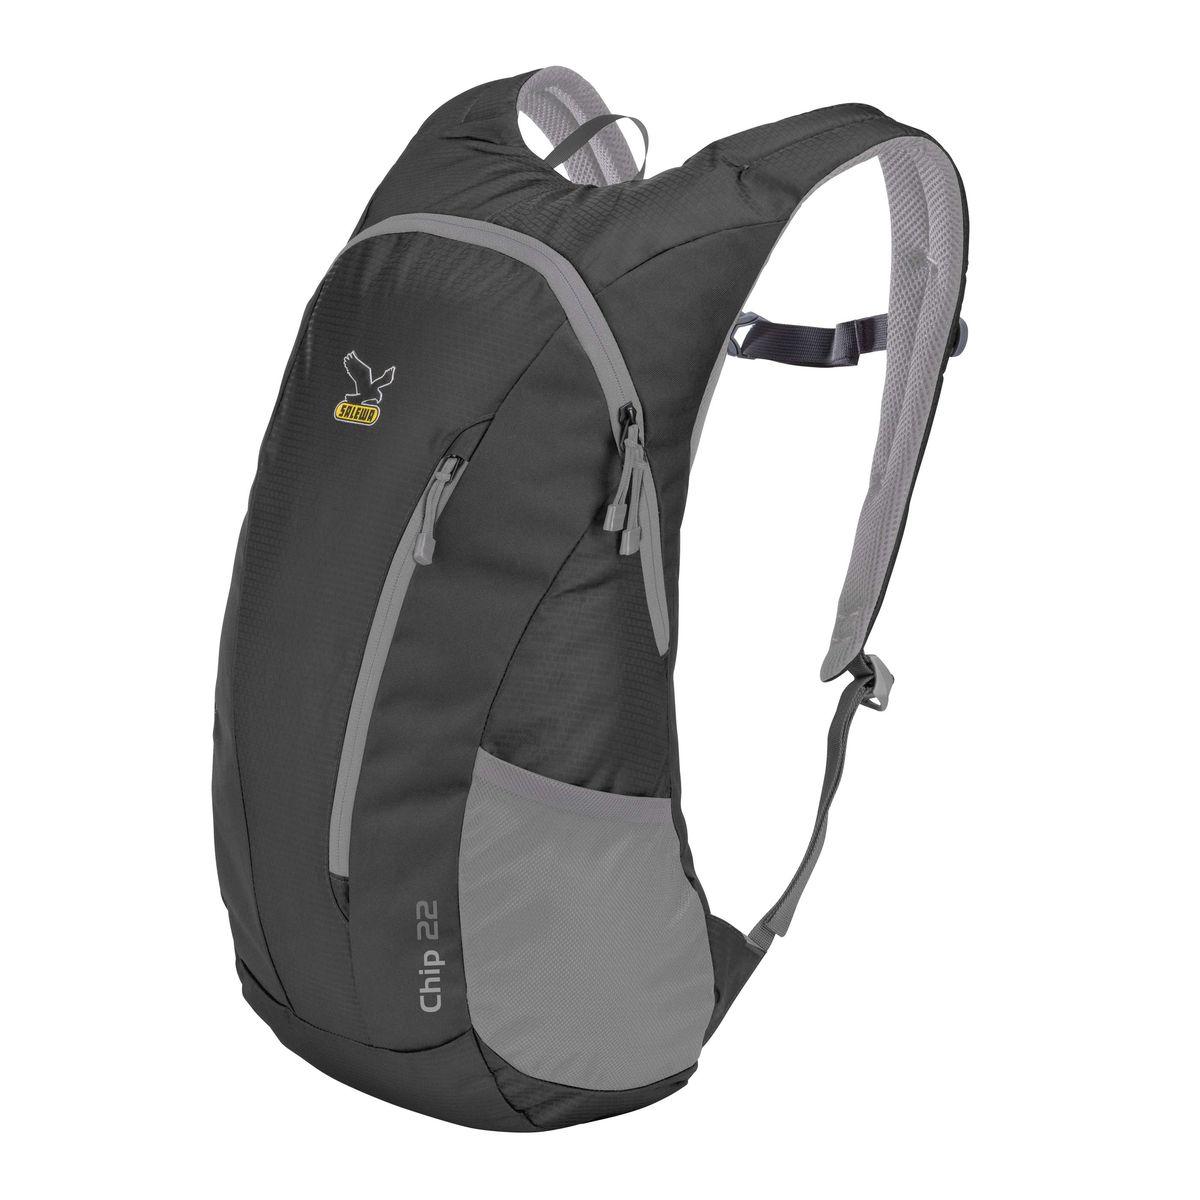 Рюкзак городской Salewa Daypacks CHIP 22, цвет: черный, 22л1130_900Компактный городской рюкзак для повседневного использования и активного досуга. Comfort Fit обеспечивает комфортное распределение нагрузки и вентиляцию. Особенности: - переднее отделение - боковые карманы